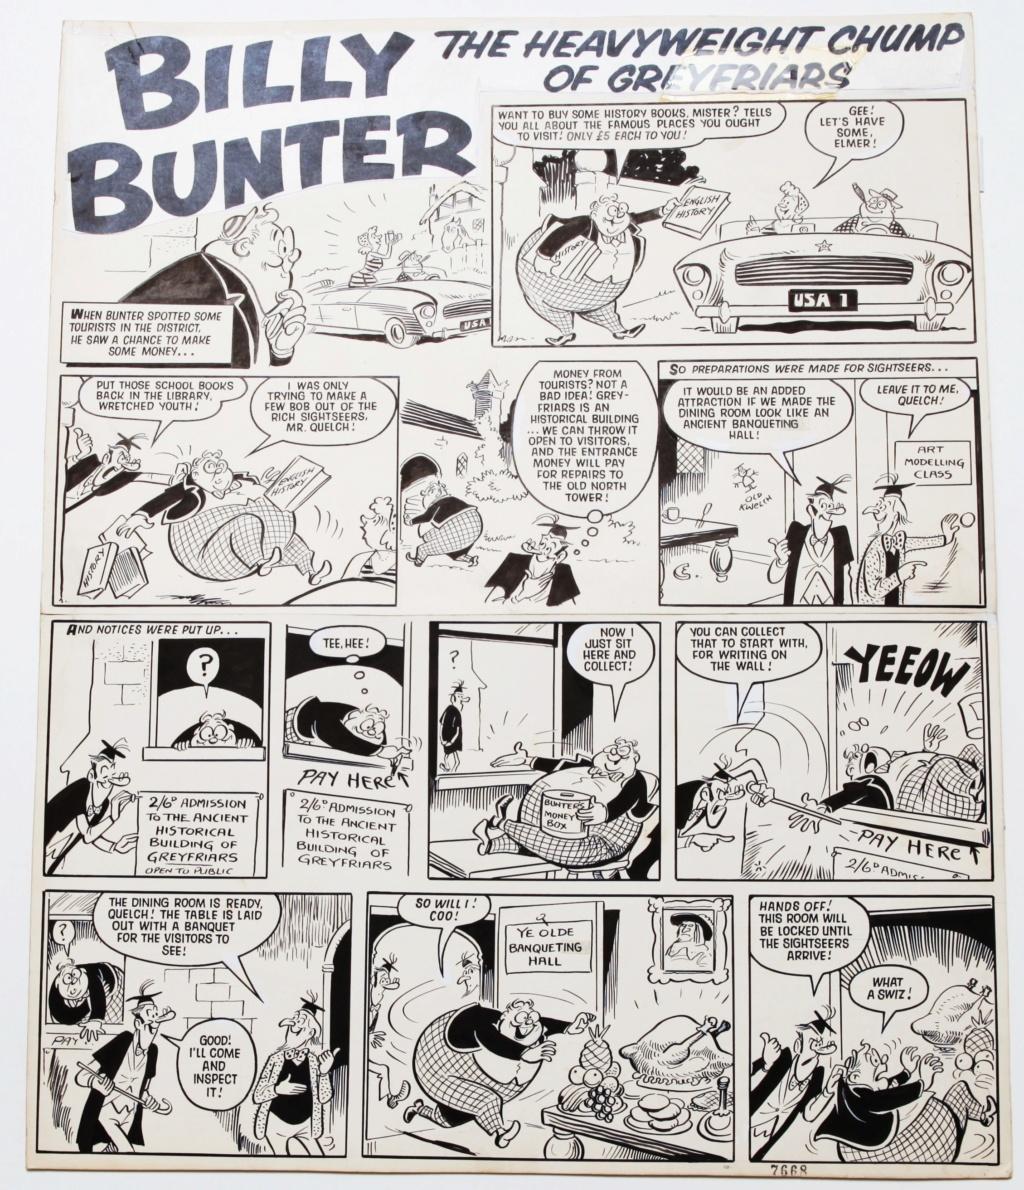 Bandes dessinées britanniques - Page 5 Parlet11